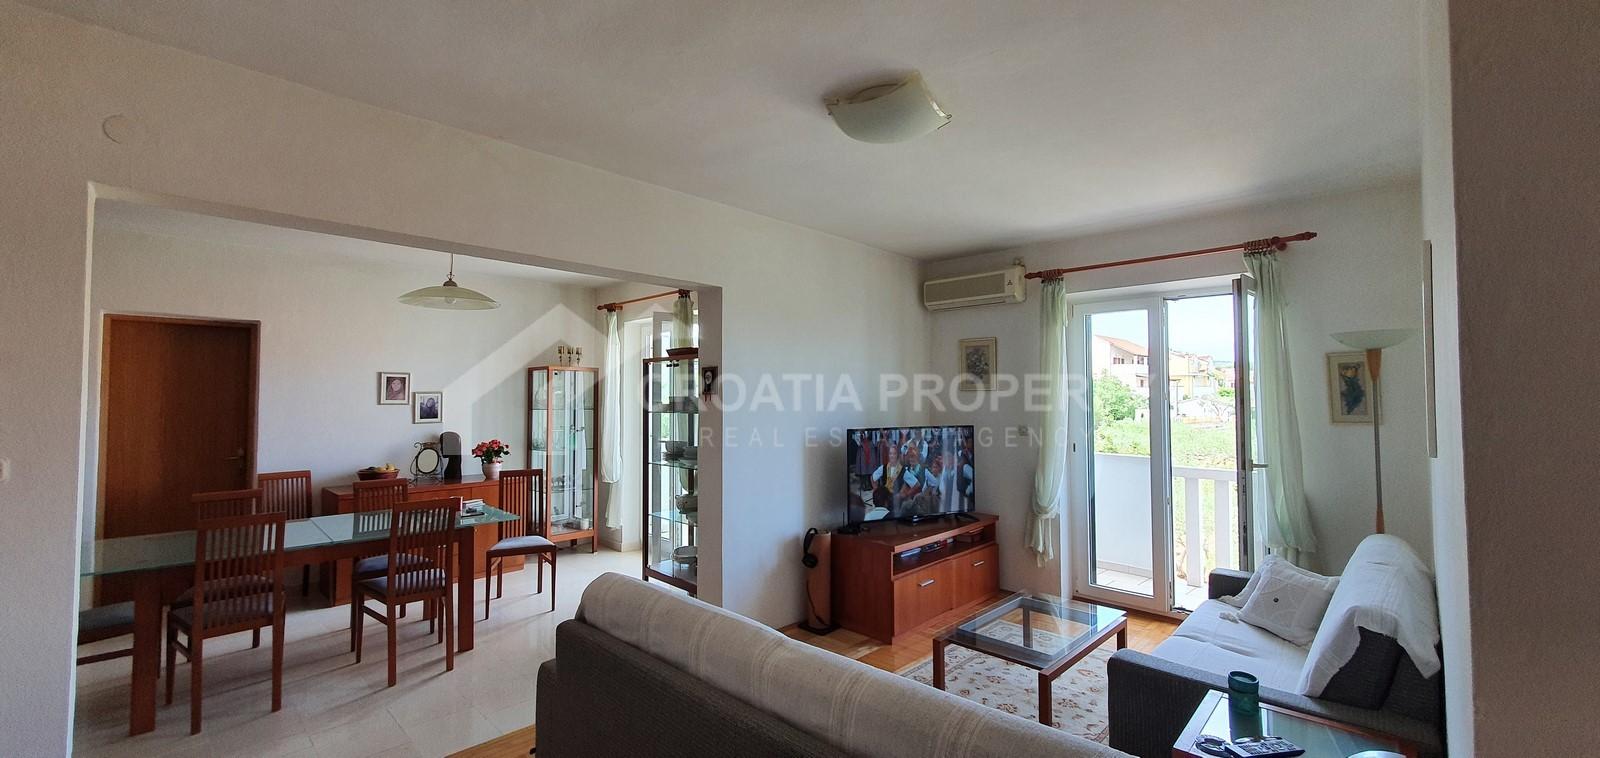 Furnished apartment Supetar for sale